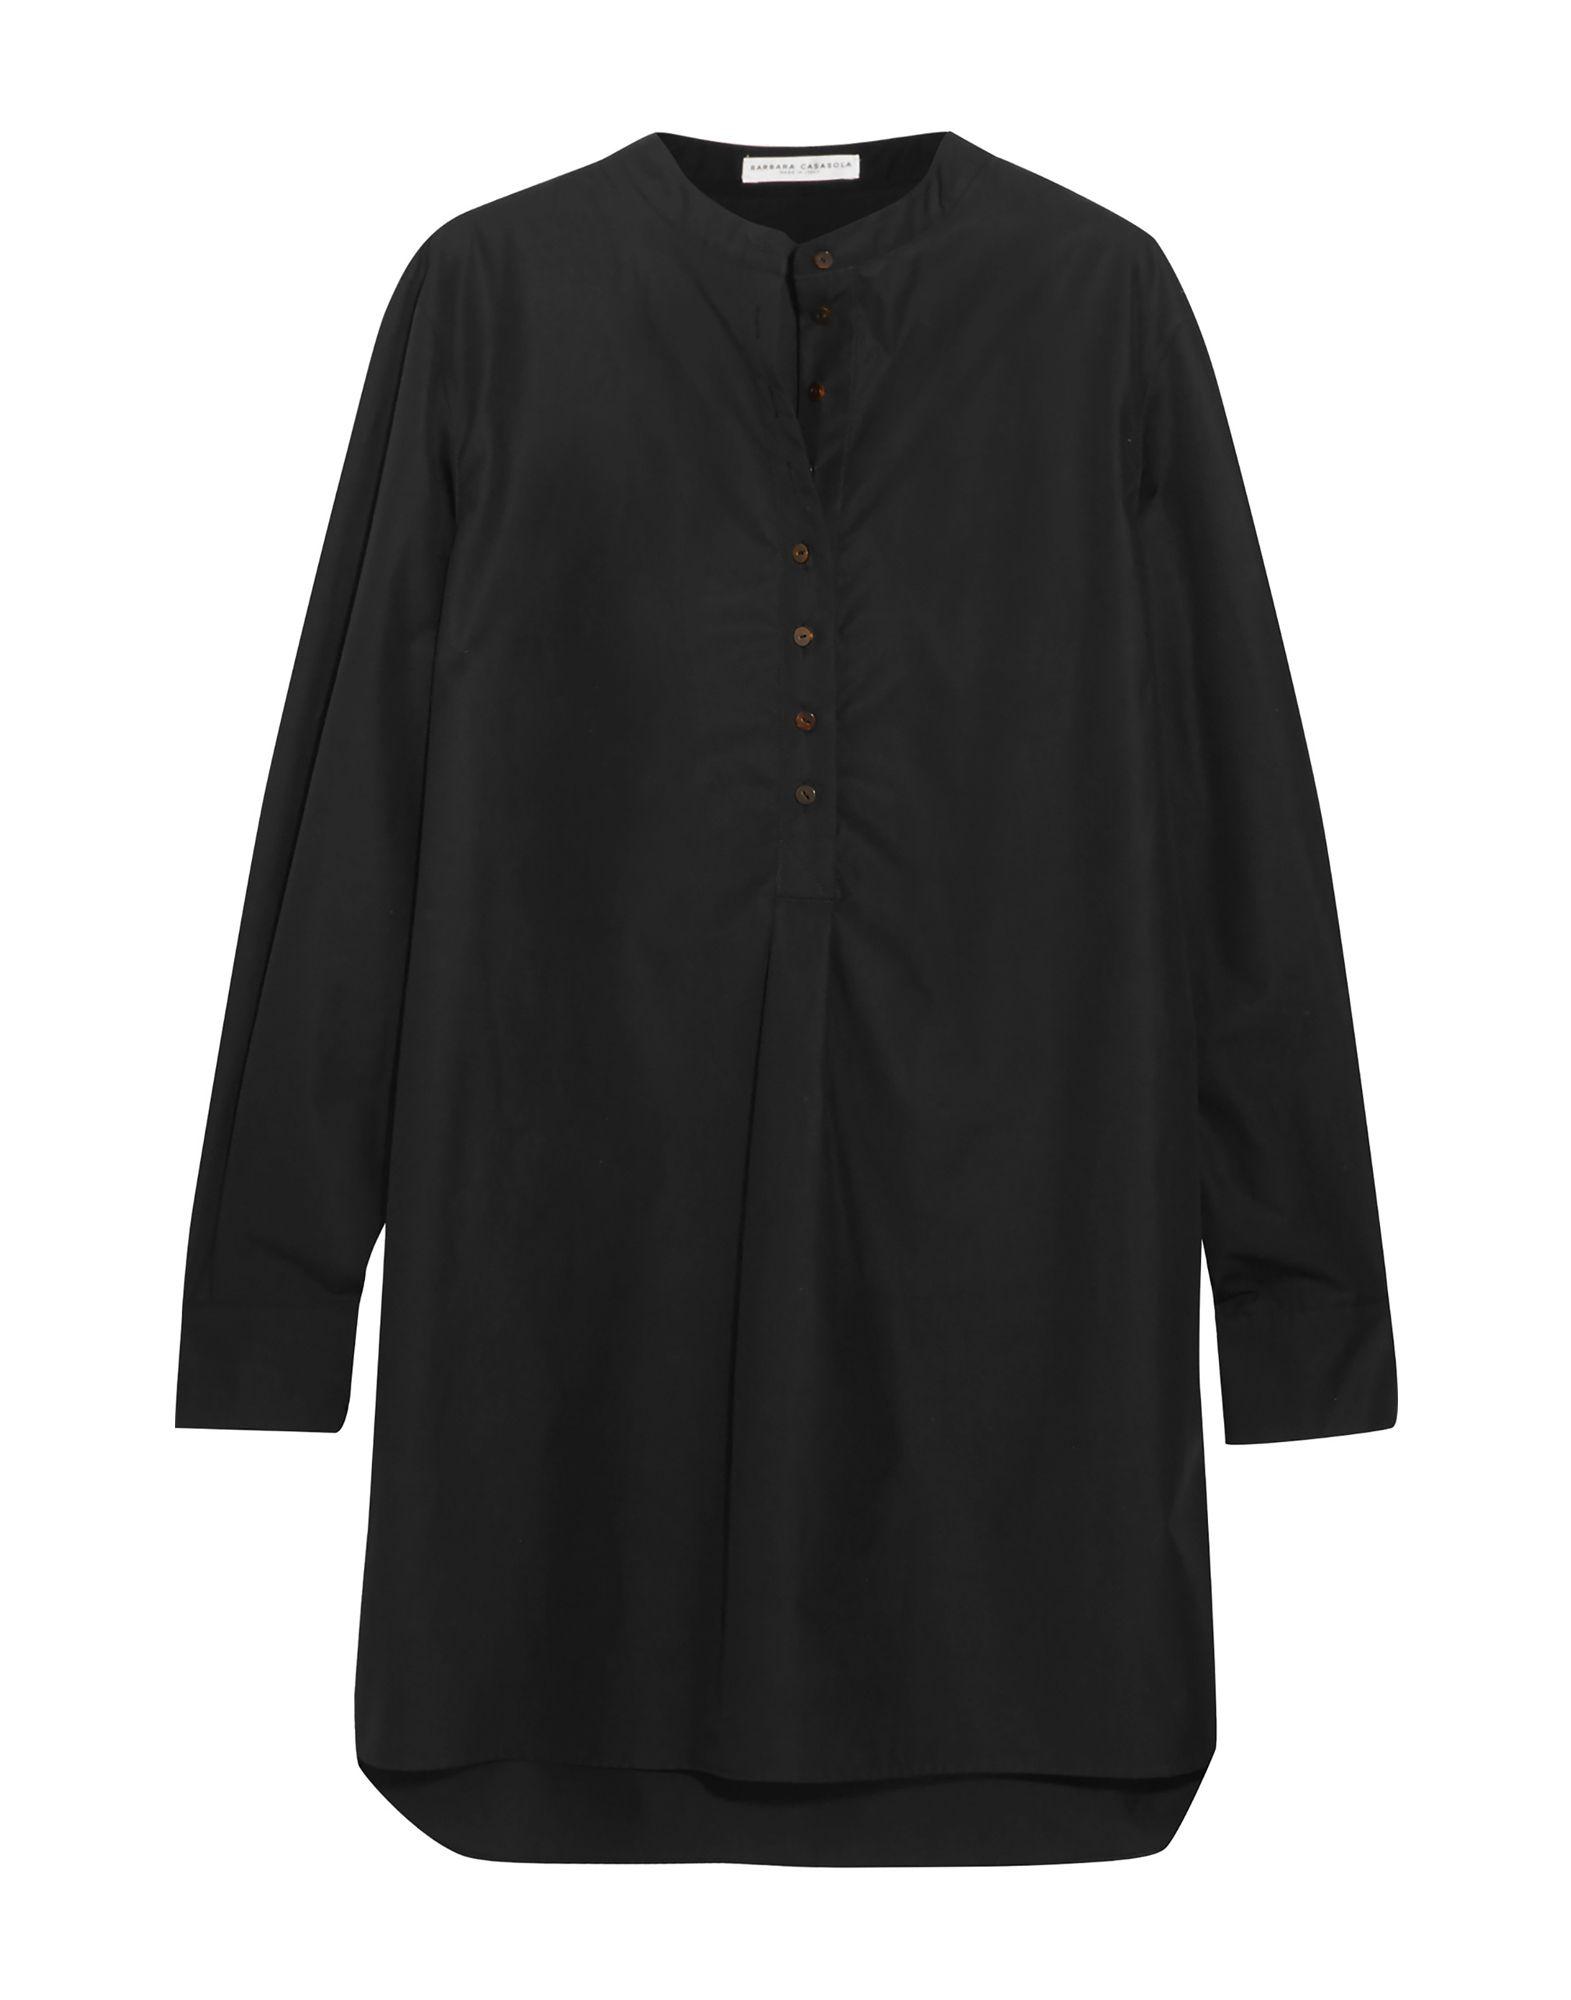 купить CASASOLA Блузка по цене 24850 рублей